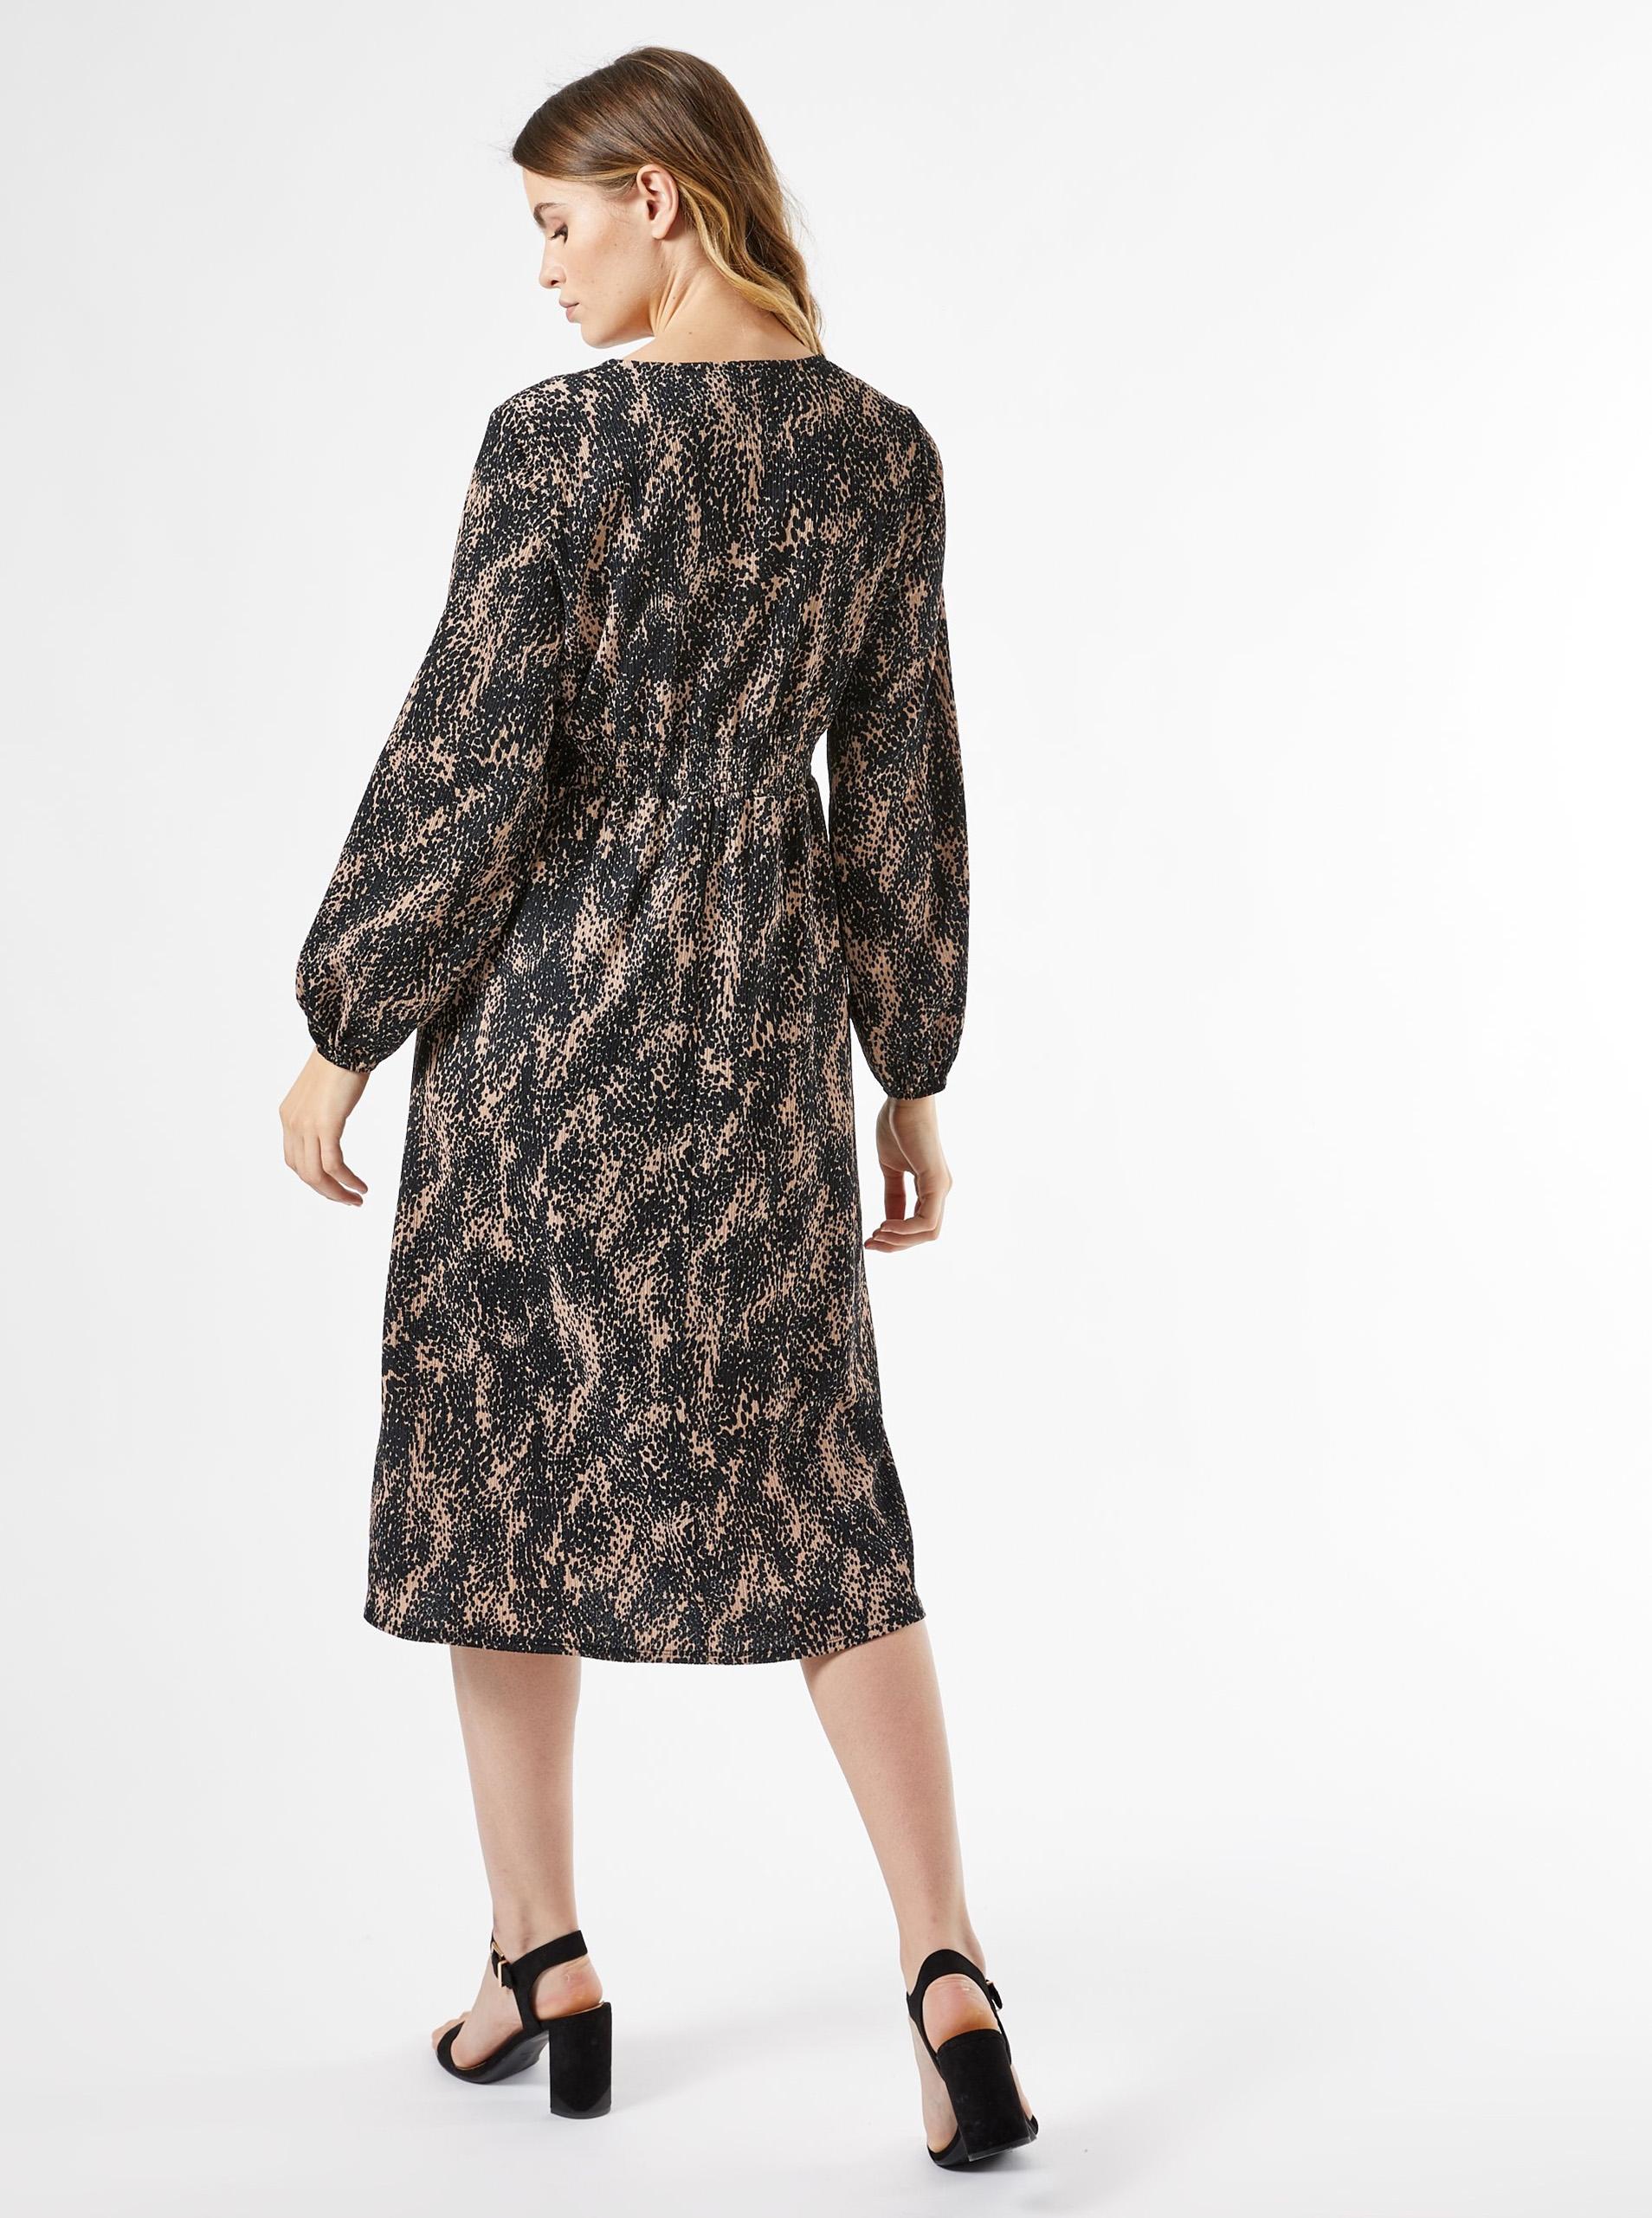 Dorothy Perkins' black patterned dress